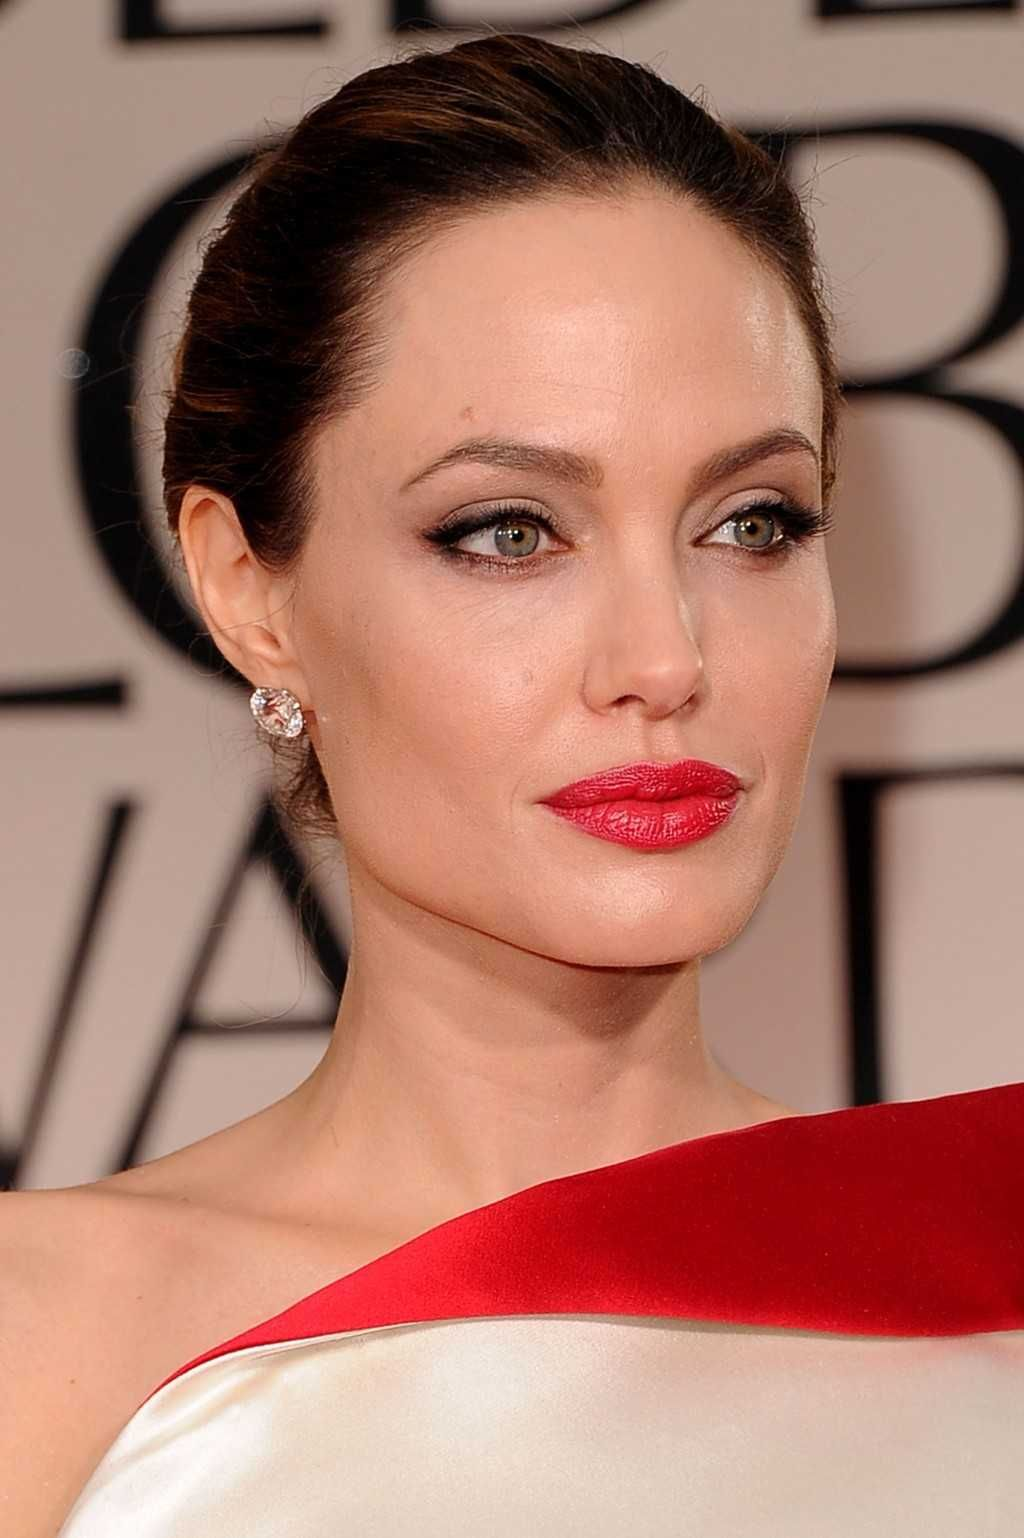 Anti-aging makeup  Angelina jolie makeup, Angelina jolie photos